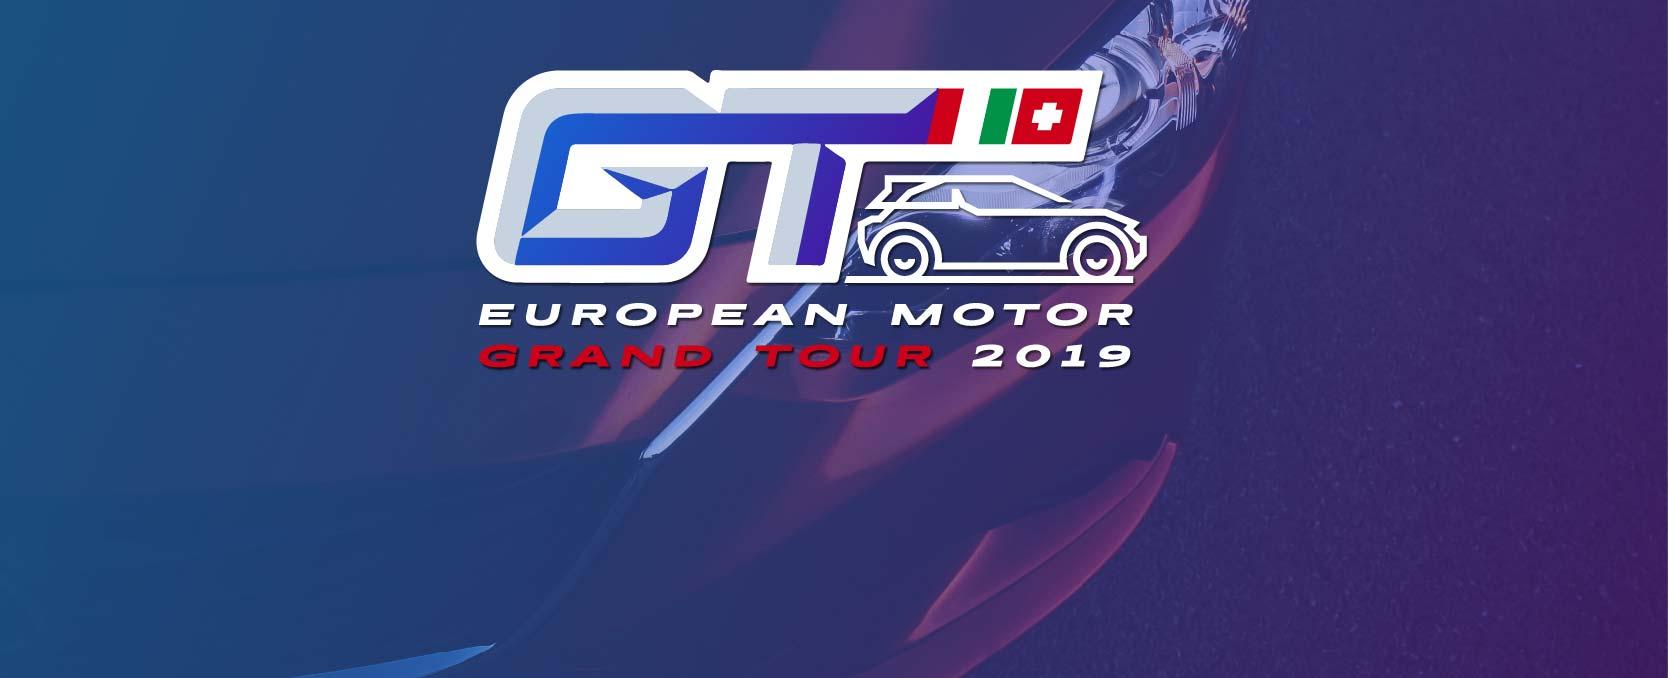 gt-euro-trip